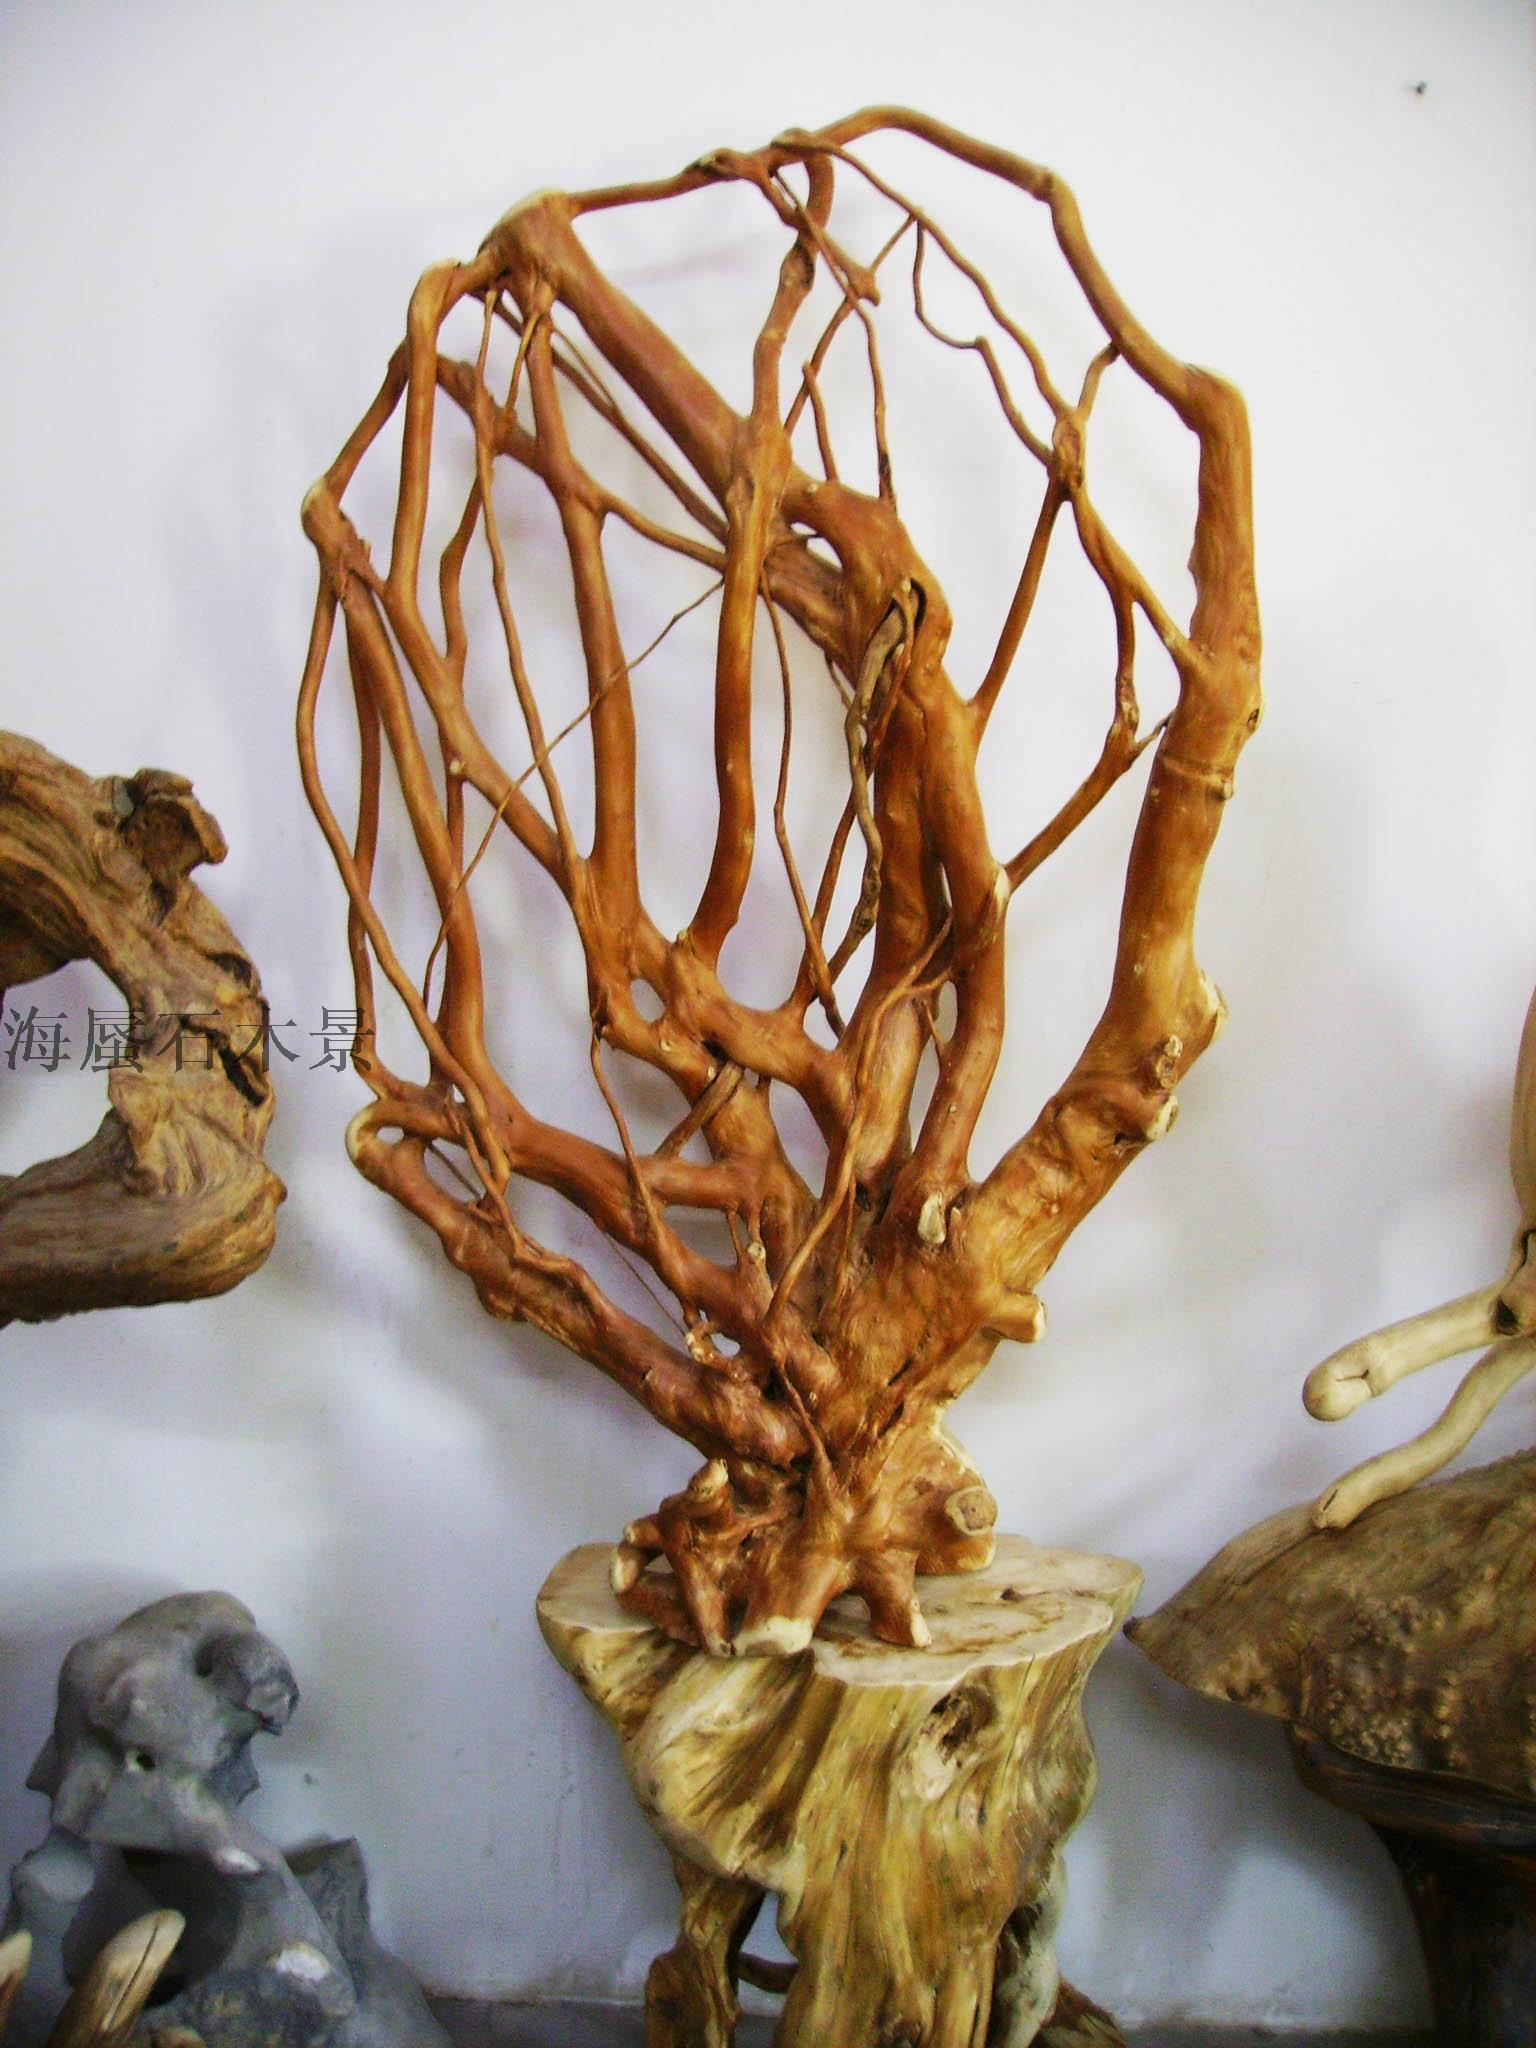 枯烂木根雕摆件图片